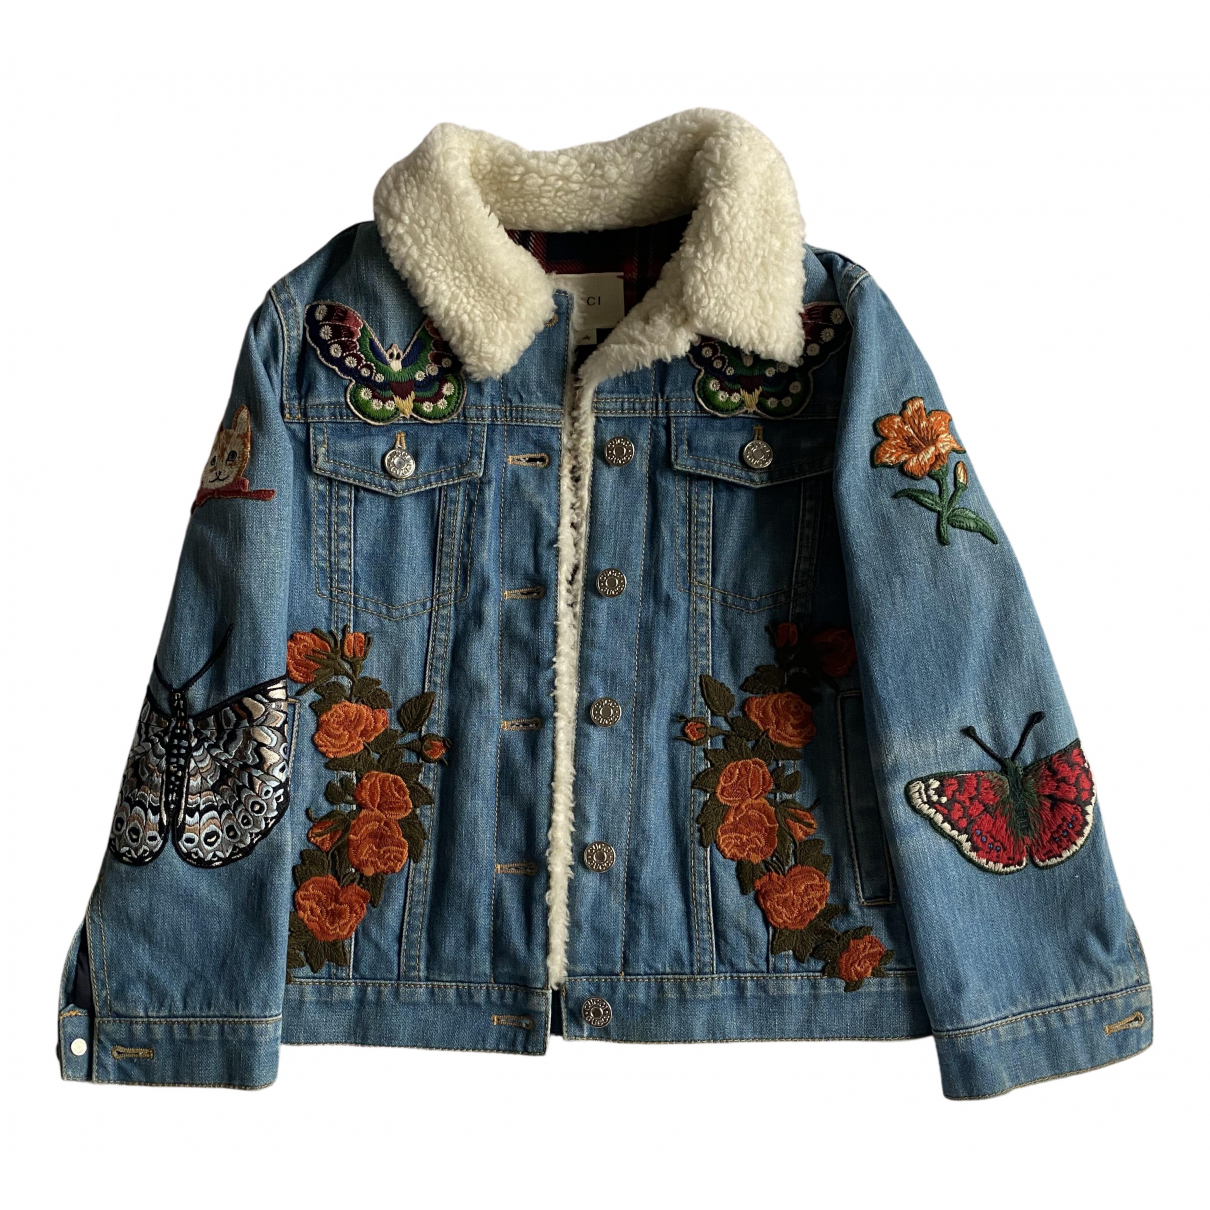 Gucci N Blue Denim - Jeans Jacket & Coat for Kids